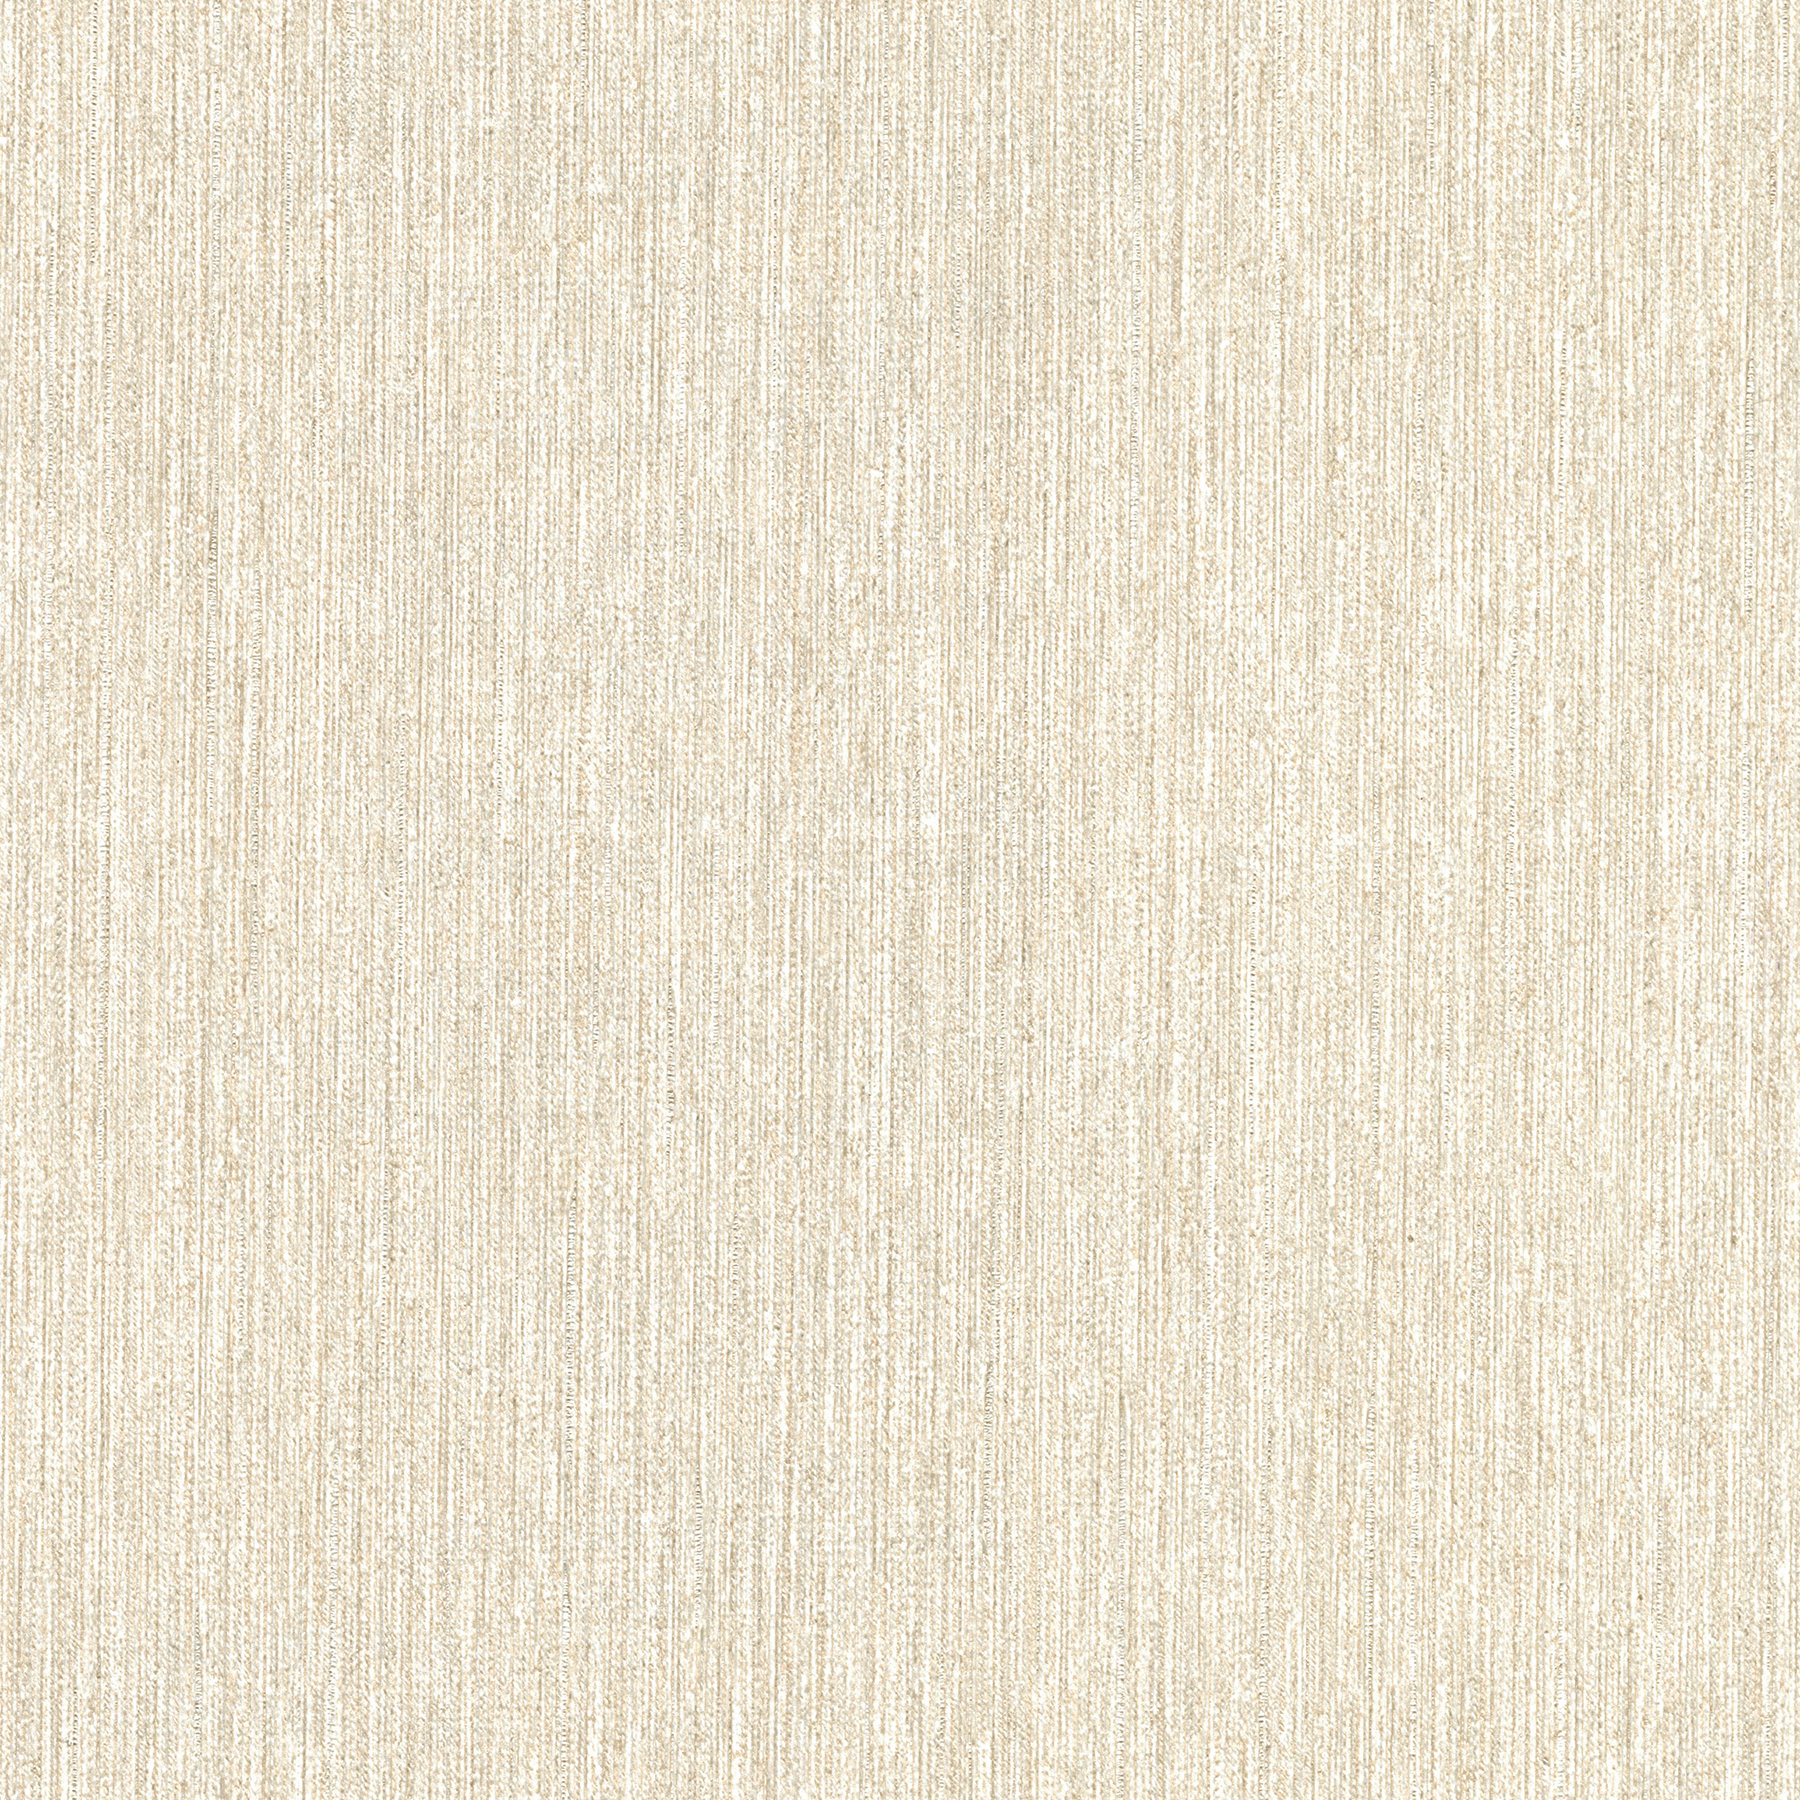 Picture of Barre Off-White Stria Wallpaper